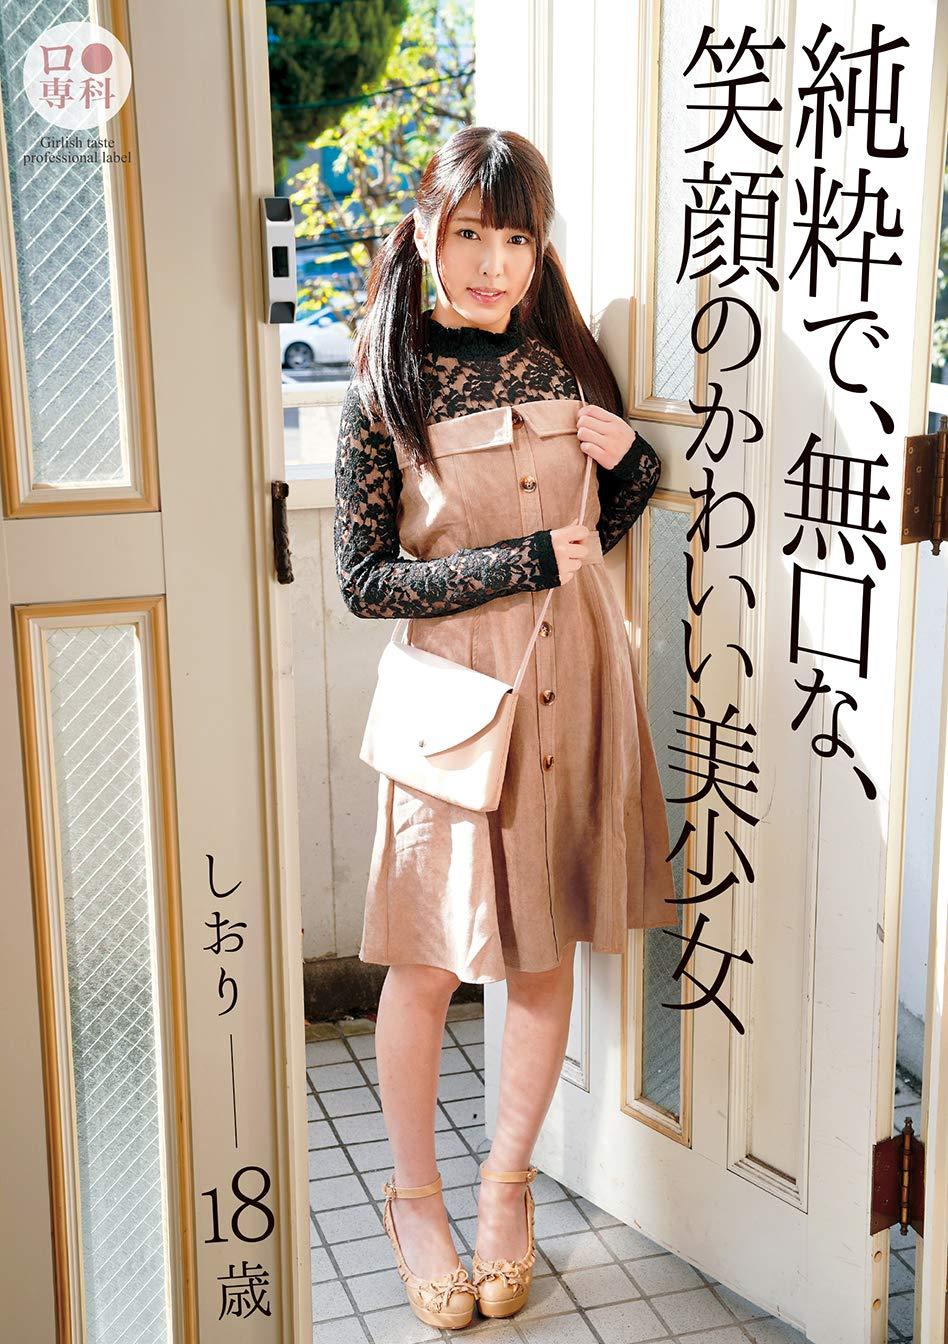 ロ●専科 純粋で、無口な、笑顔のかわいい美少女 しおり18歳 倉木しおり 画像20枚